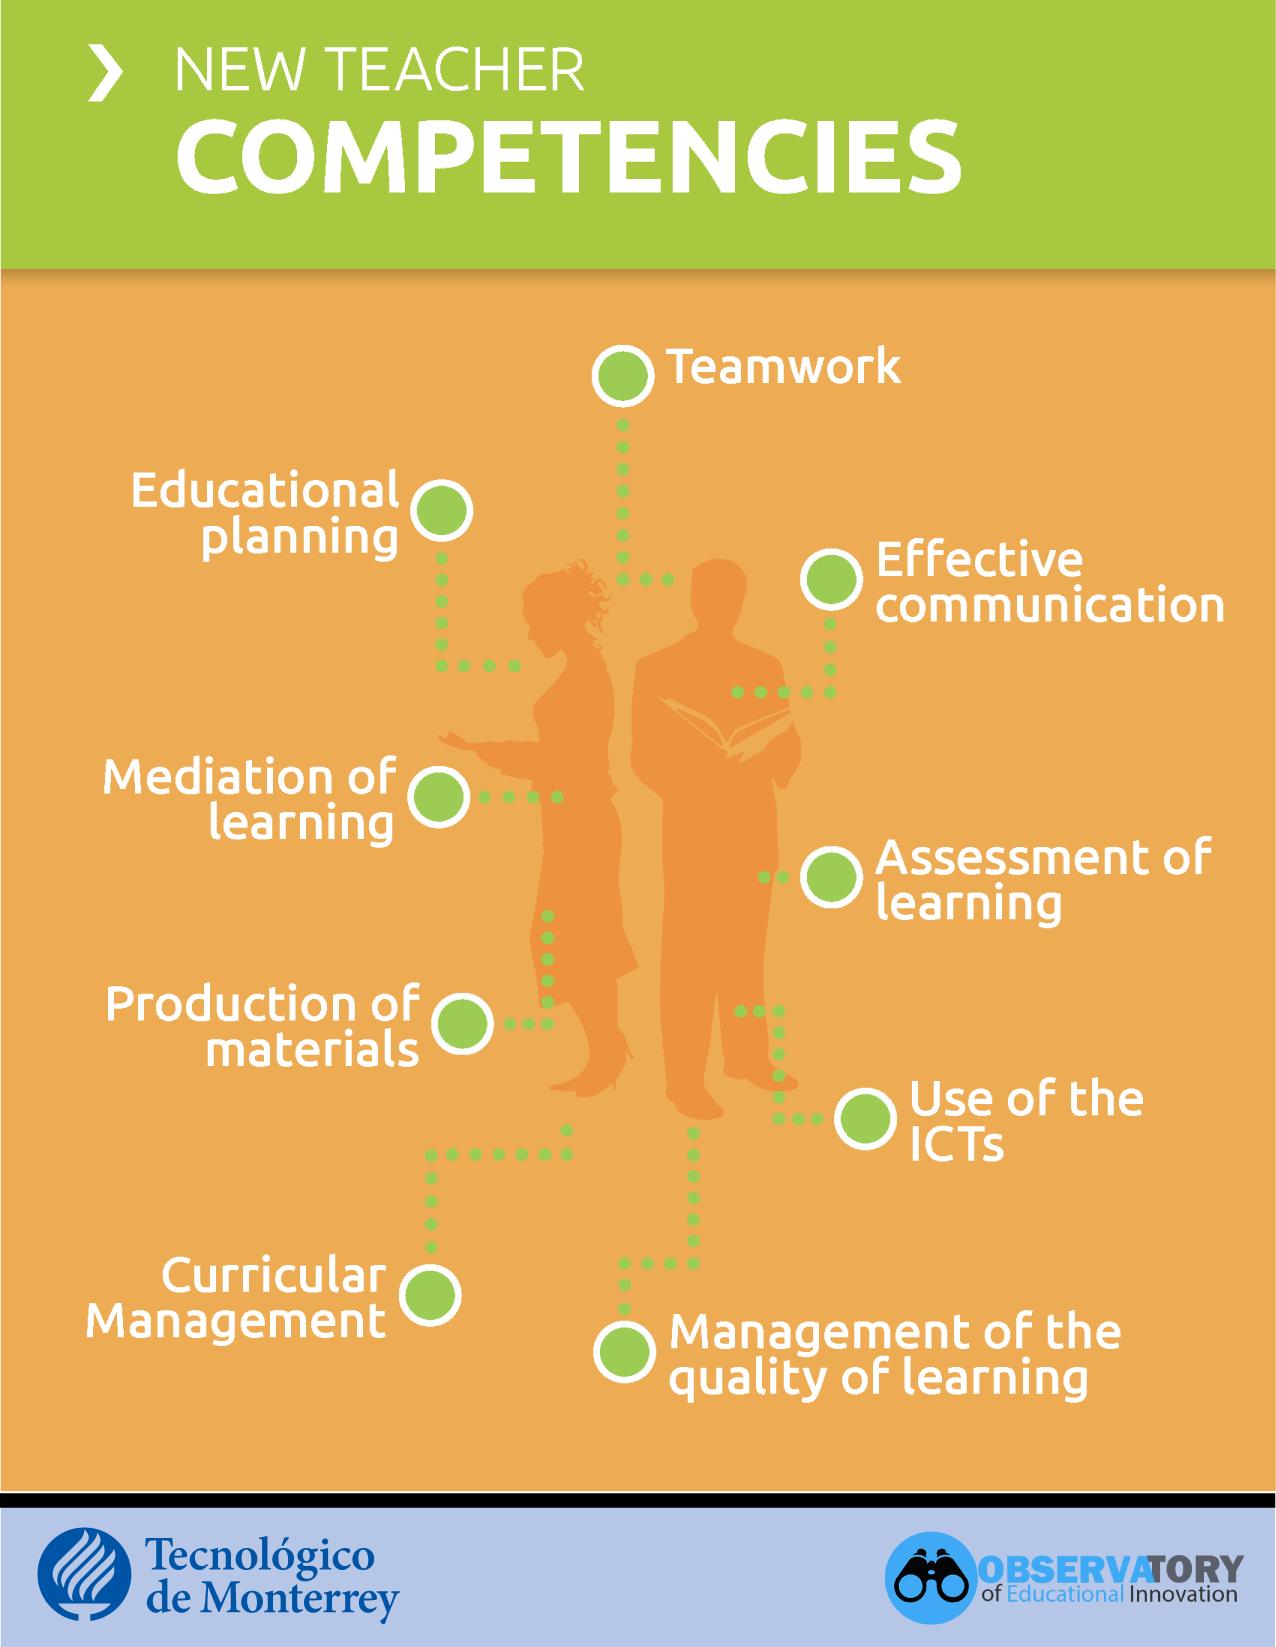 New Teacher Competencies